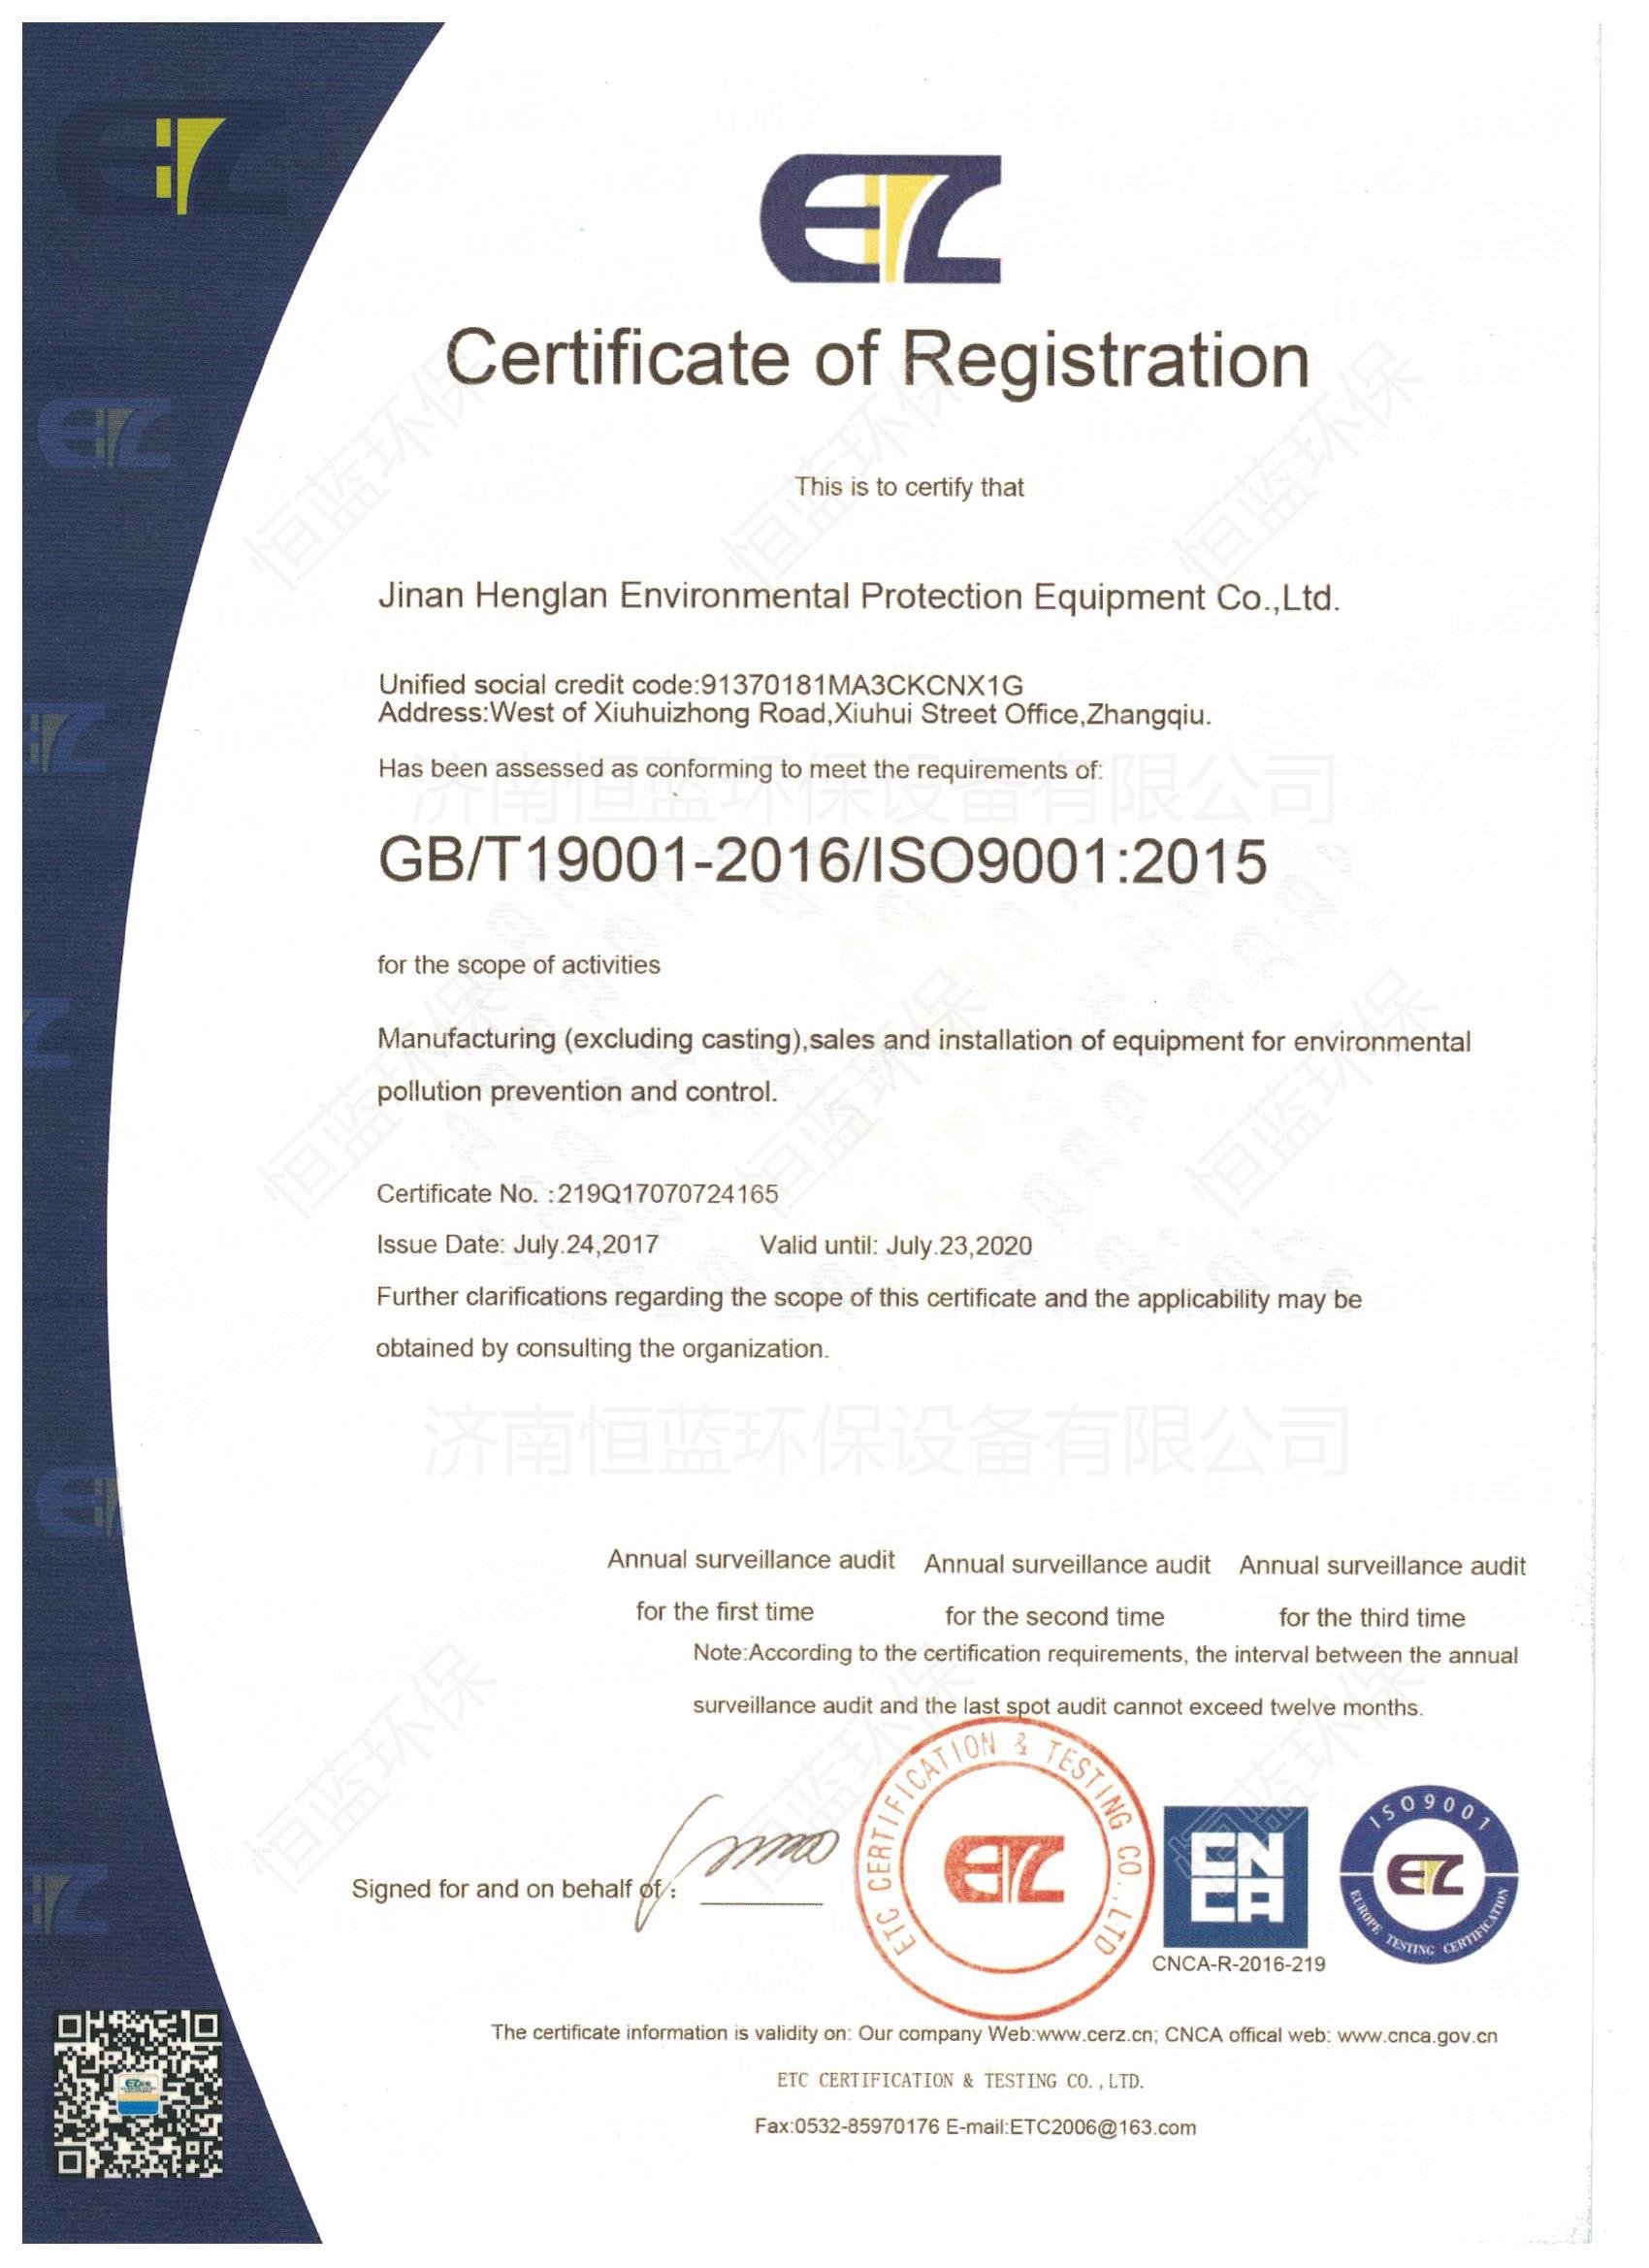 ISO9001欧盟认证证书